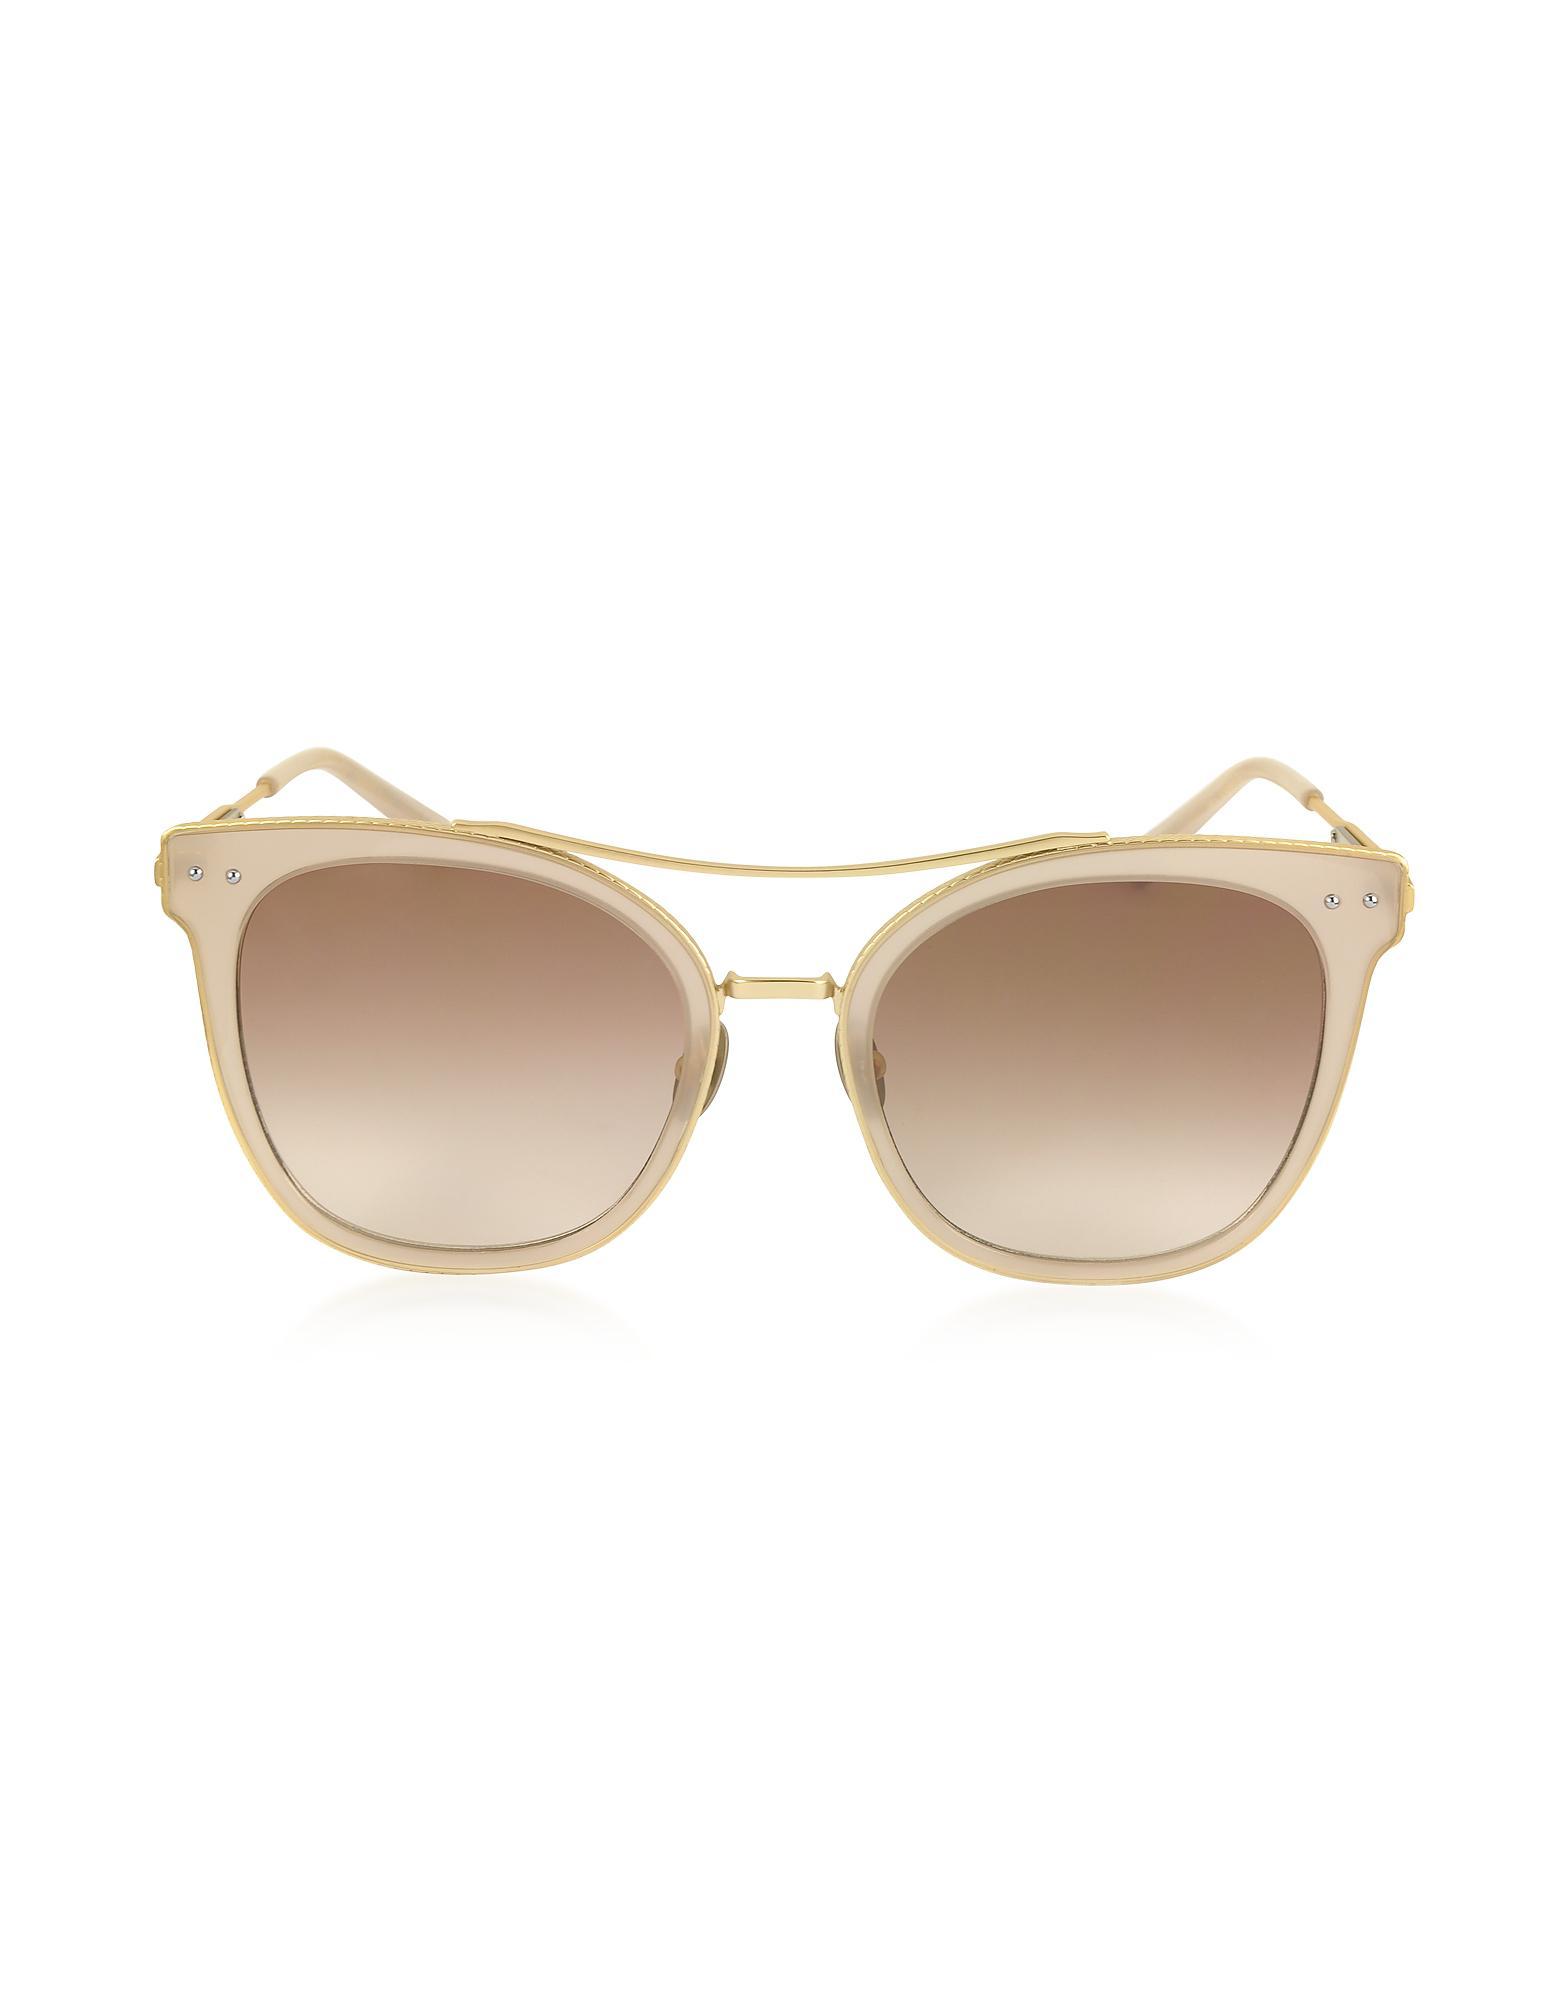 78bc7c1e3b Lyst - Bottega Veneta Bv0064s Round Metal Frame Women s Sunglasses ...